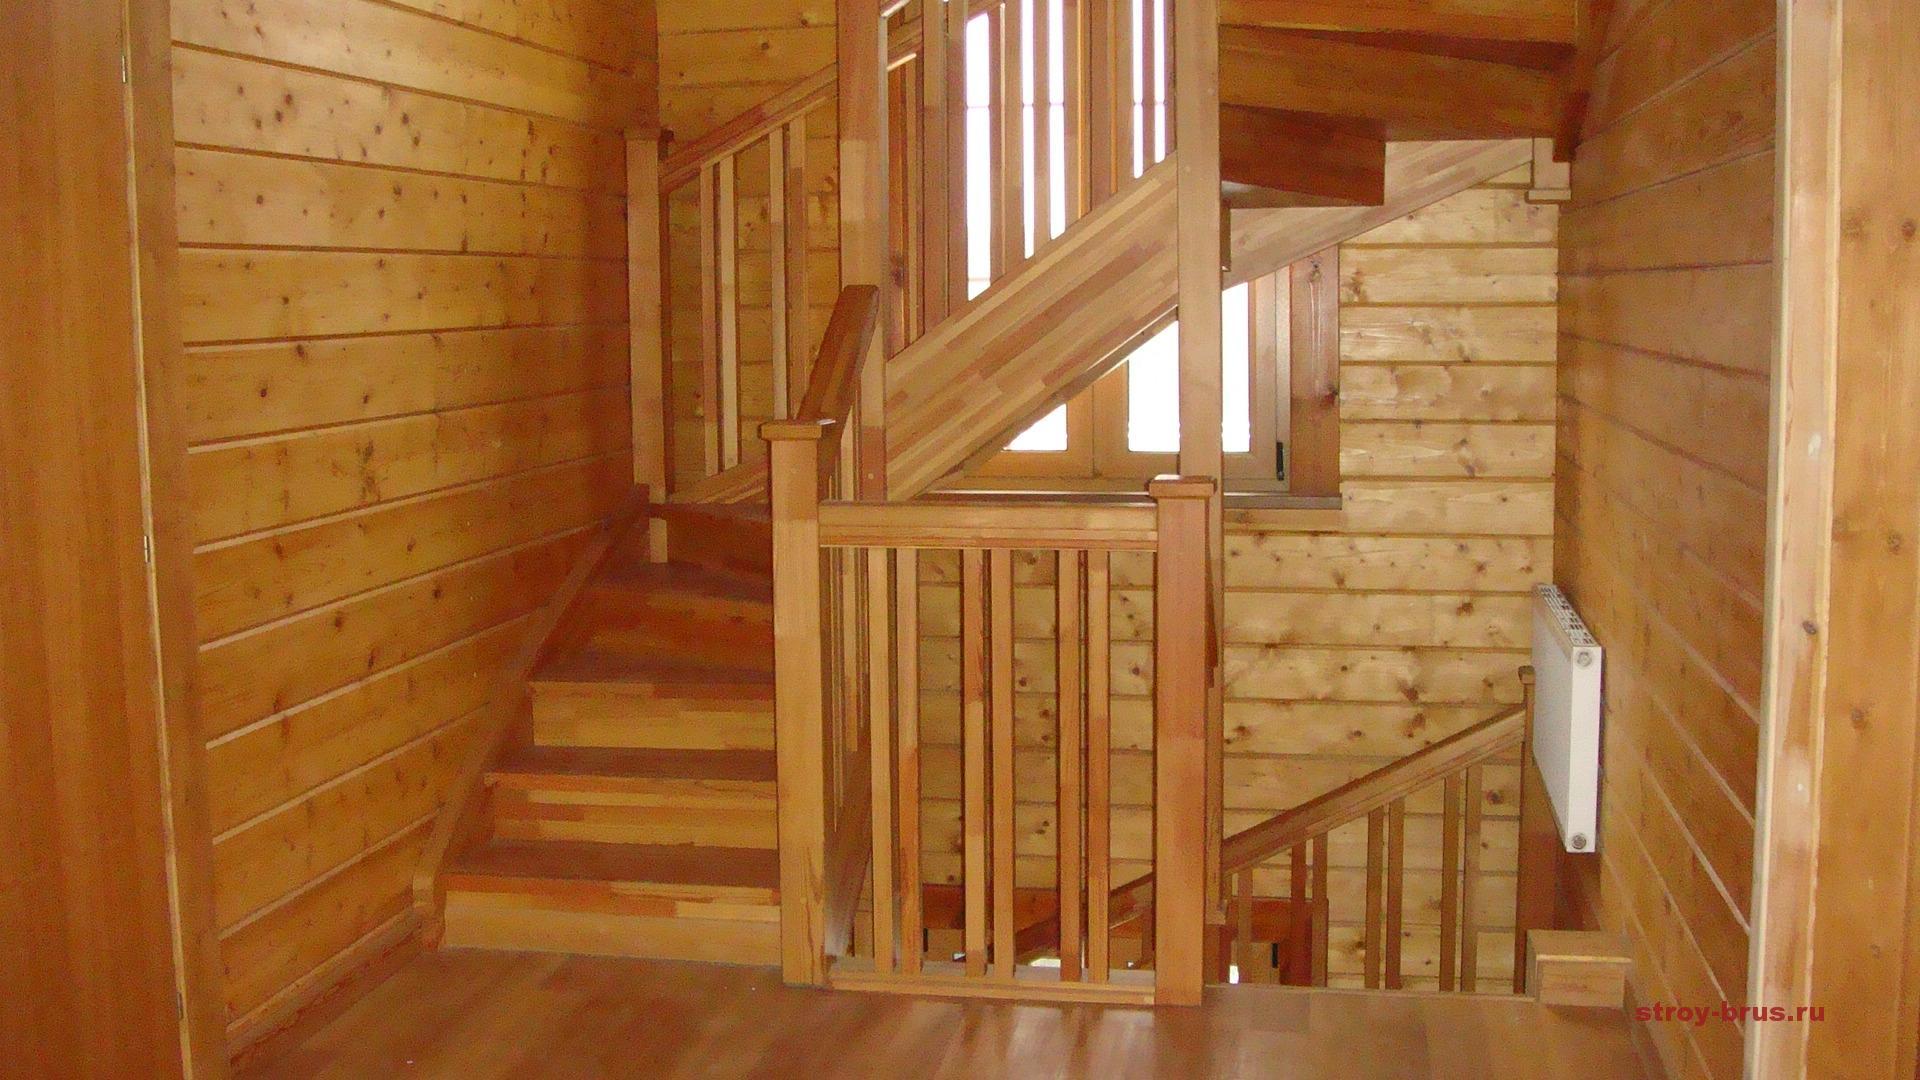 Поворотная лестница в доме из дерева